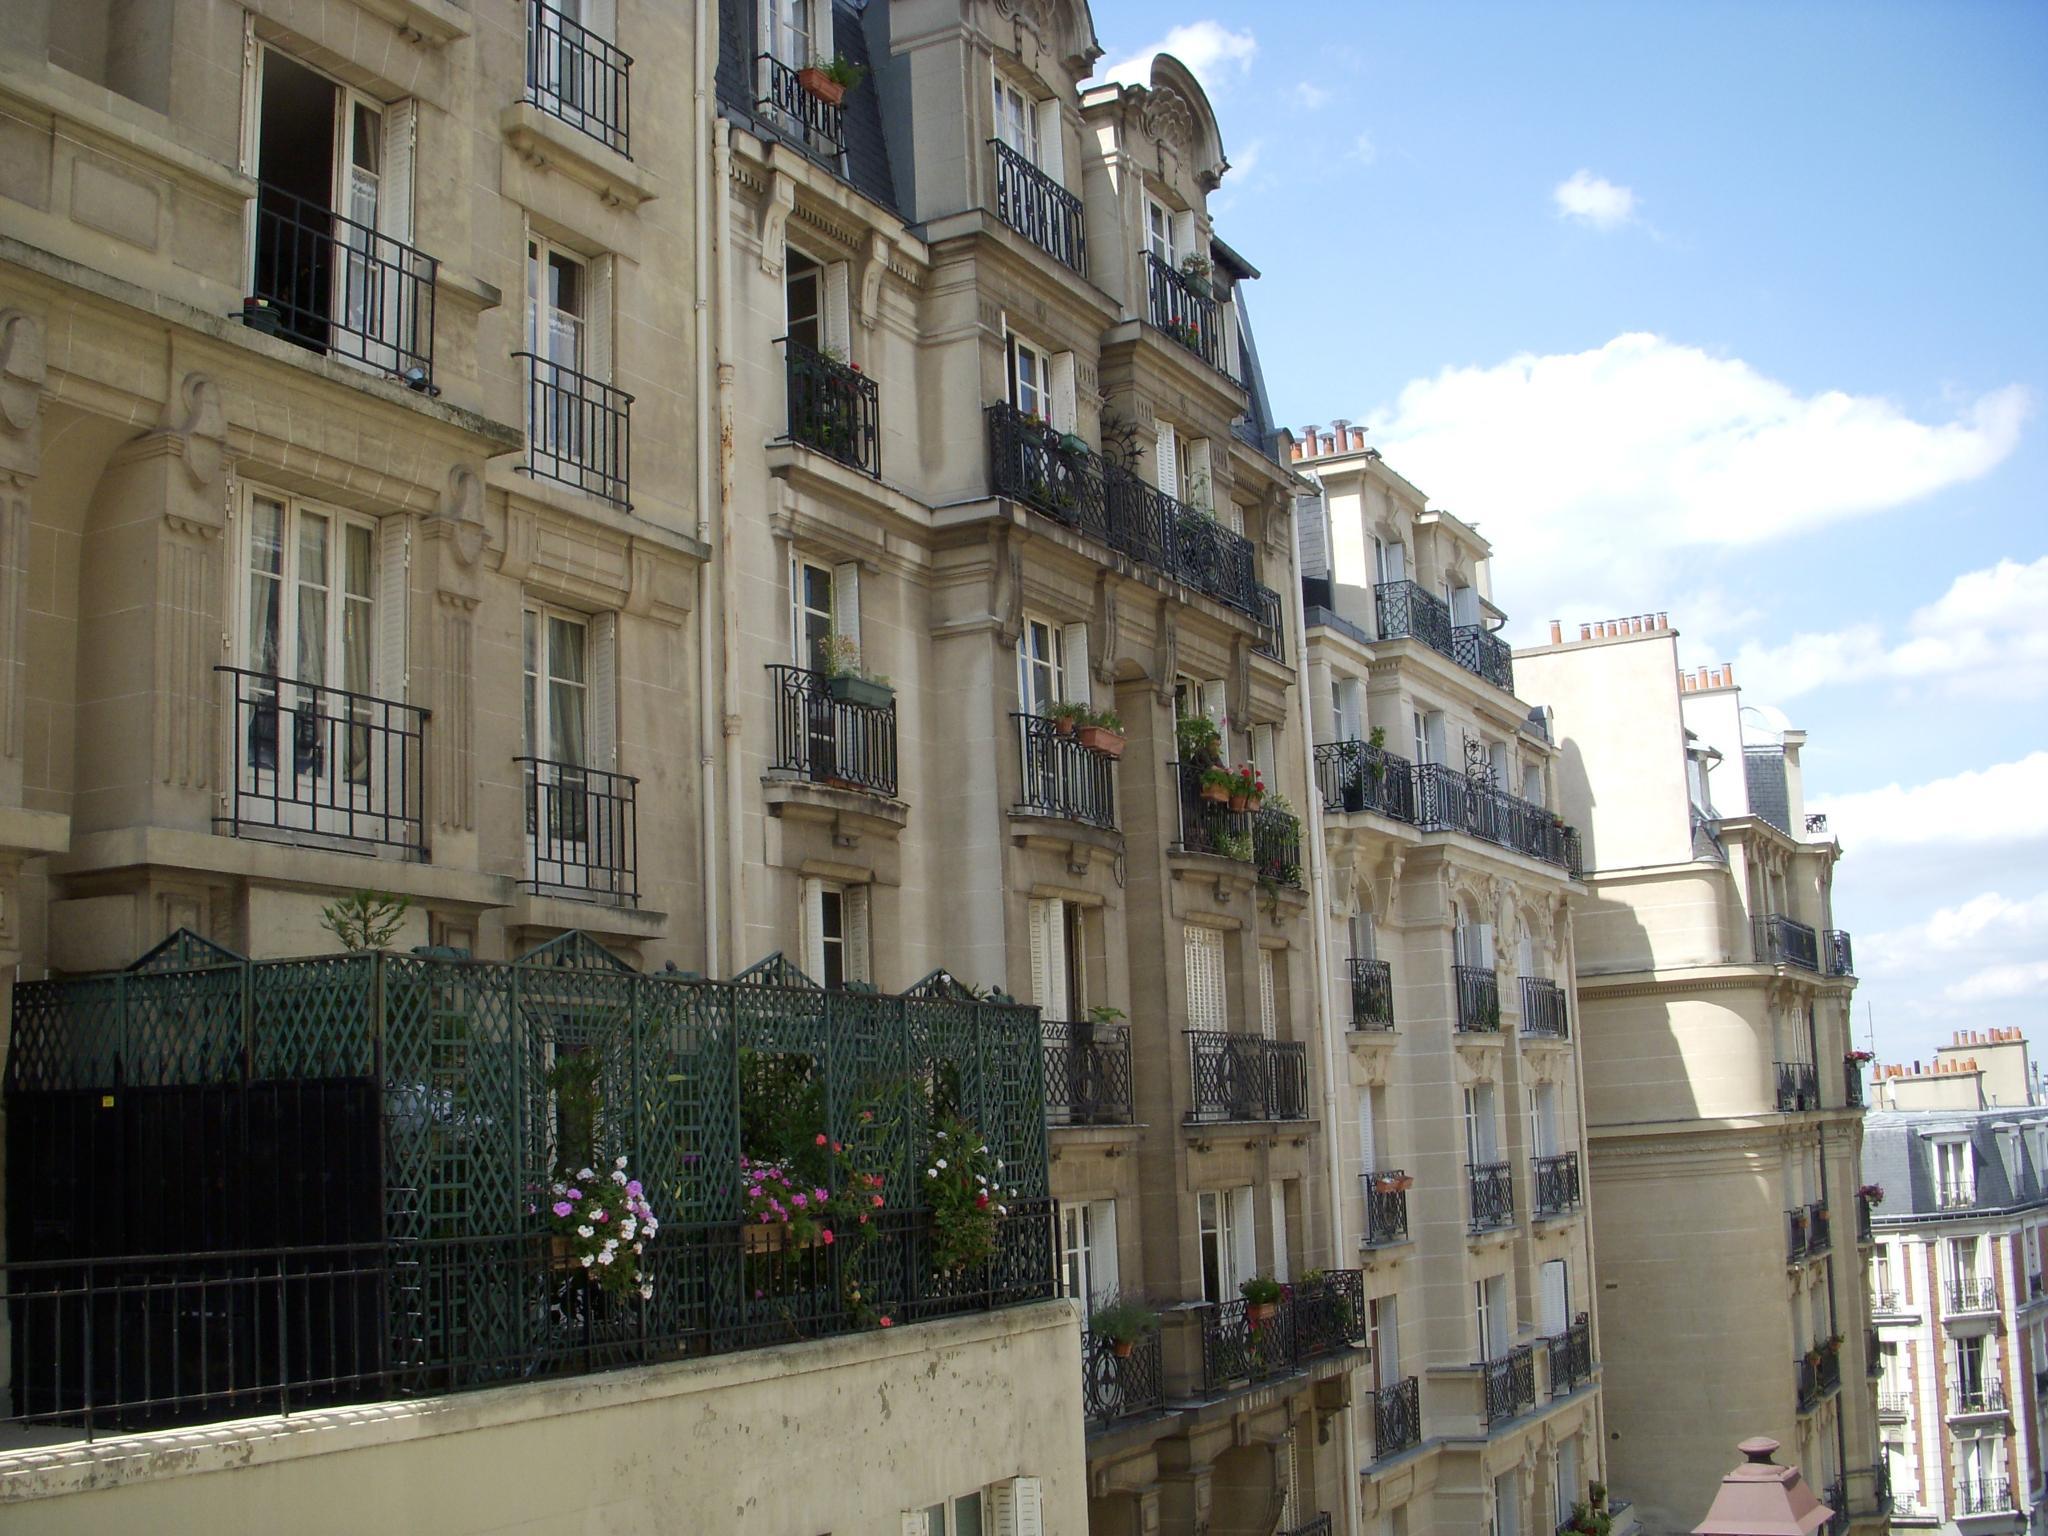 Paris Montmartre by jeanne.m.summers